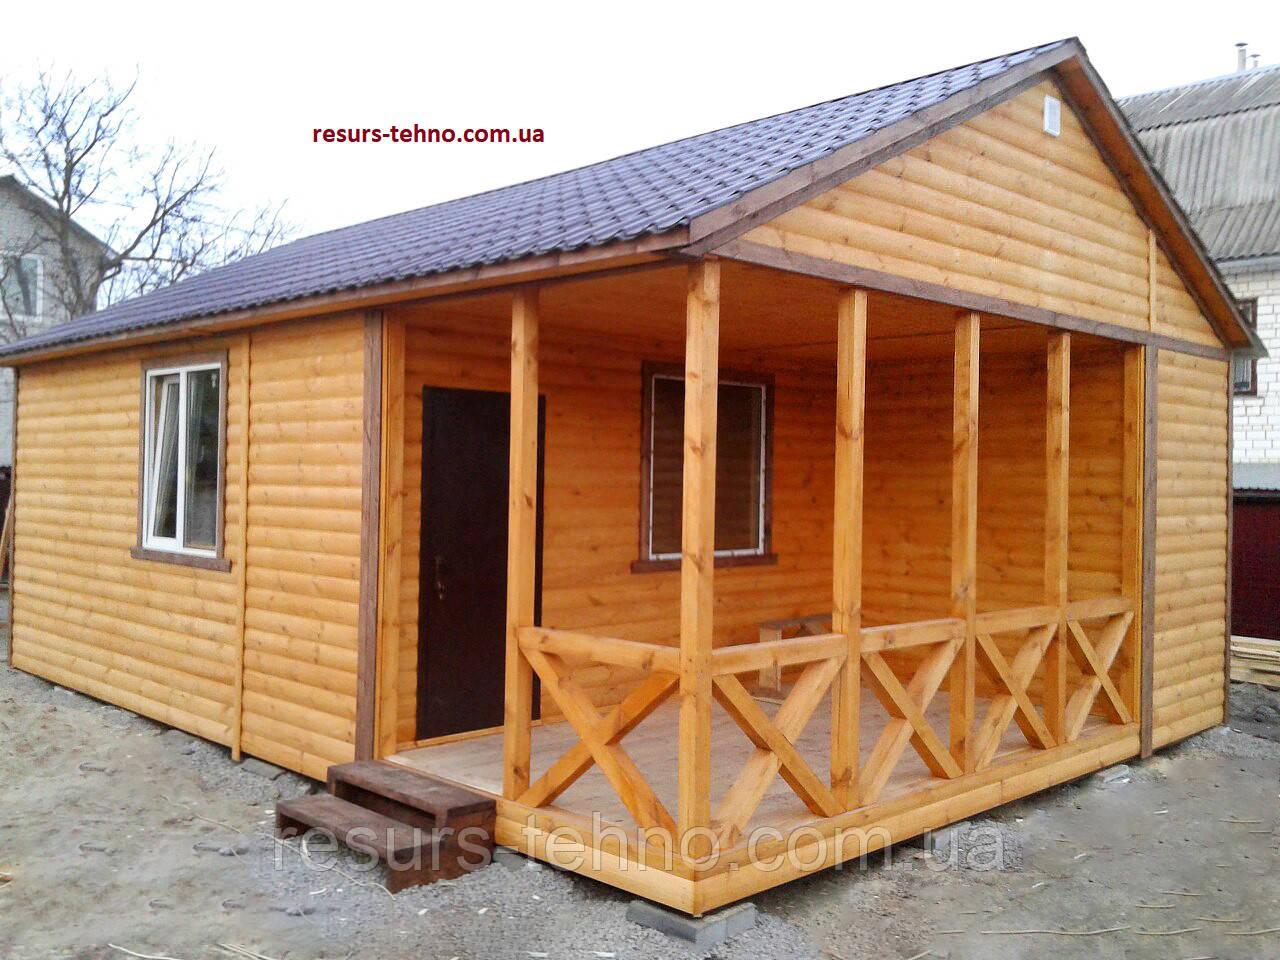 Домик деревянный дачный 8,5м х 6,0м  Блокхаус с террассой